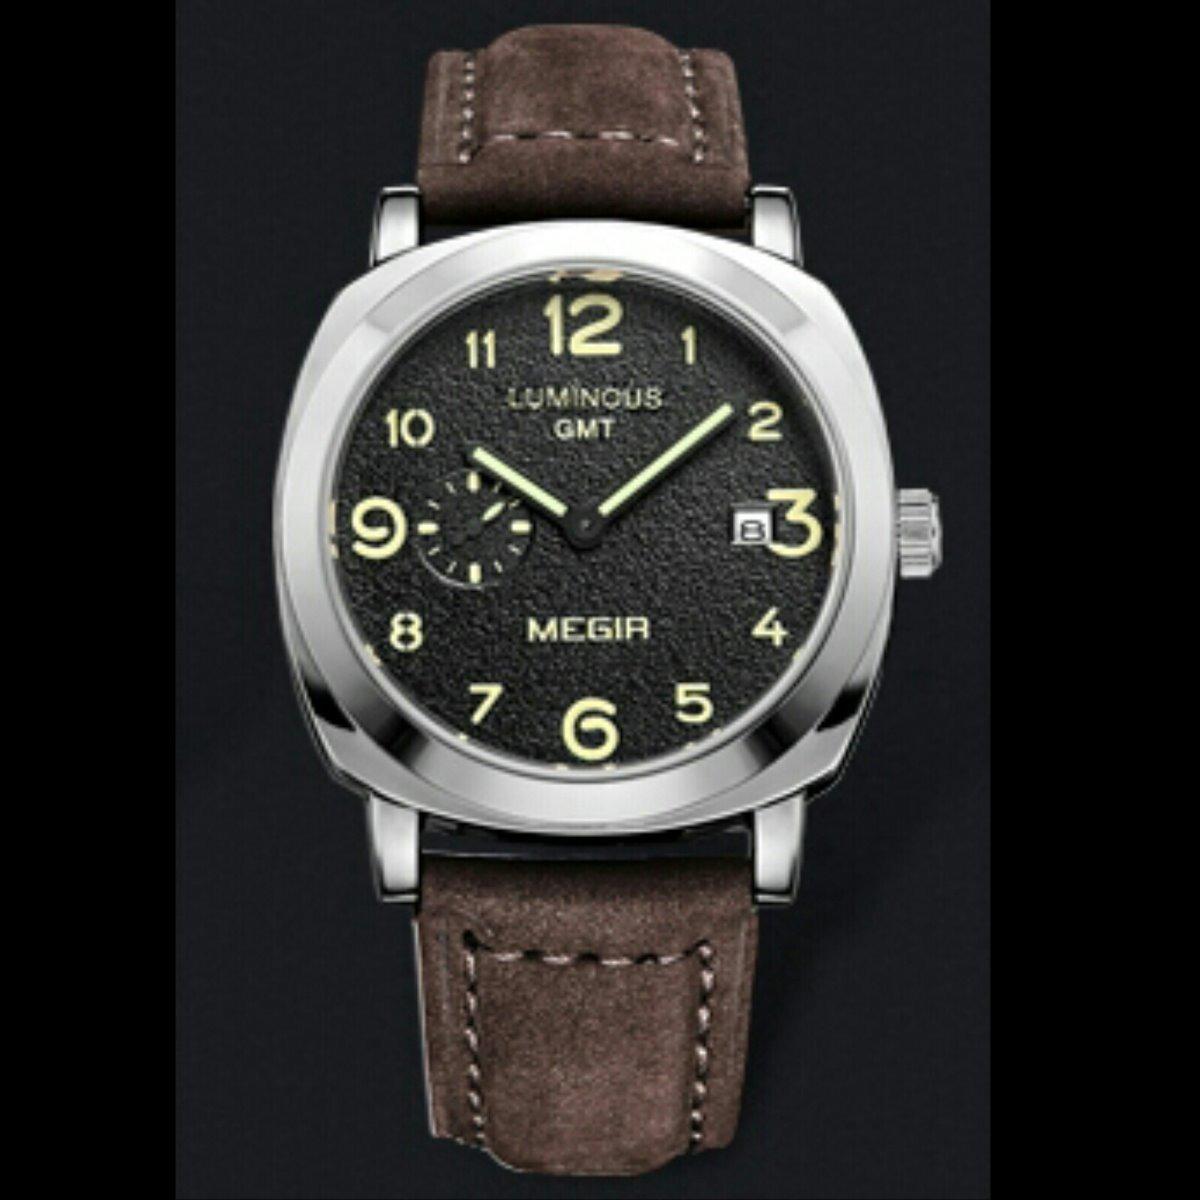 8a711904c2a Relógio Megir De Luxo Modelo 1046 Original Militar Ptata - R  178